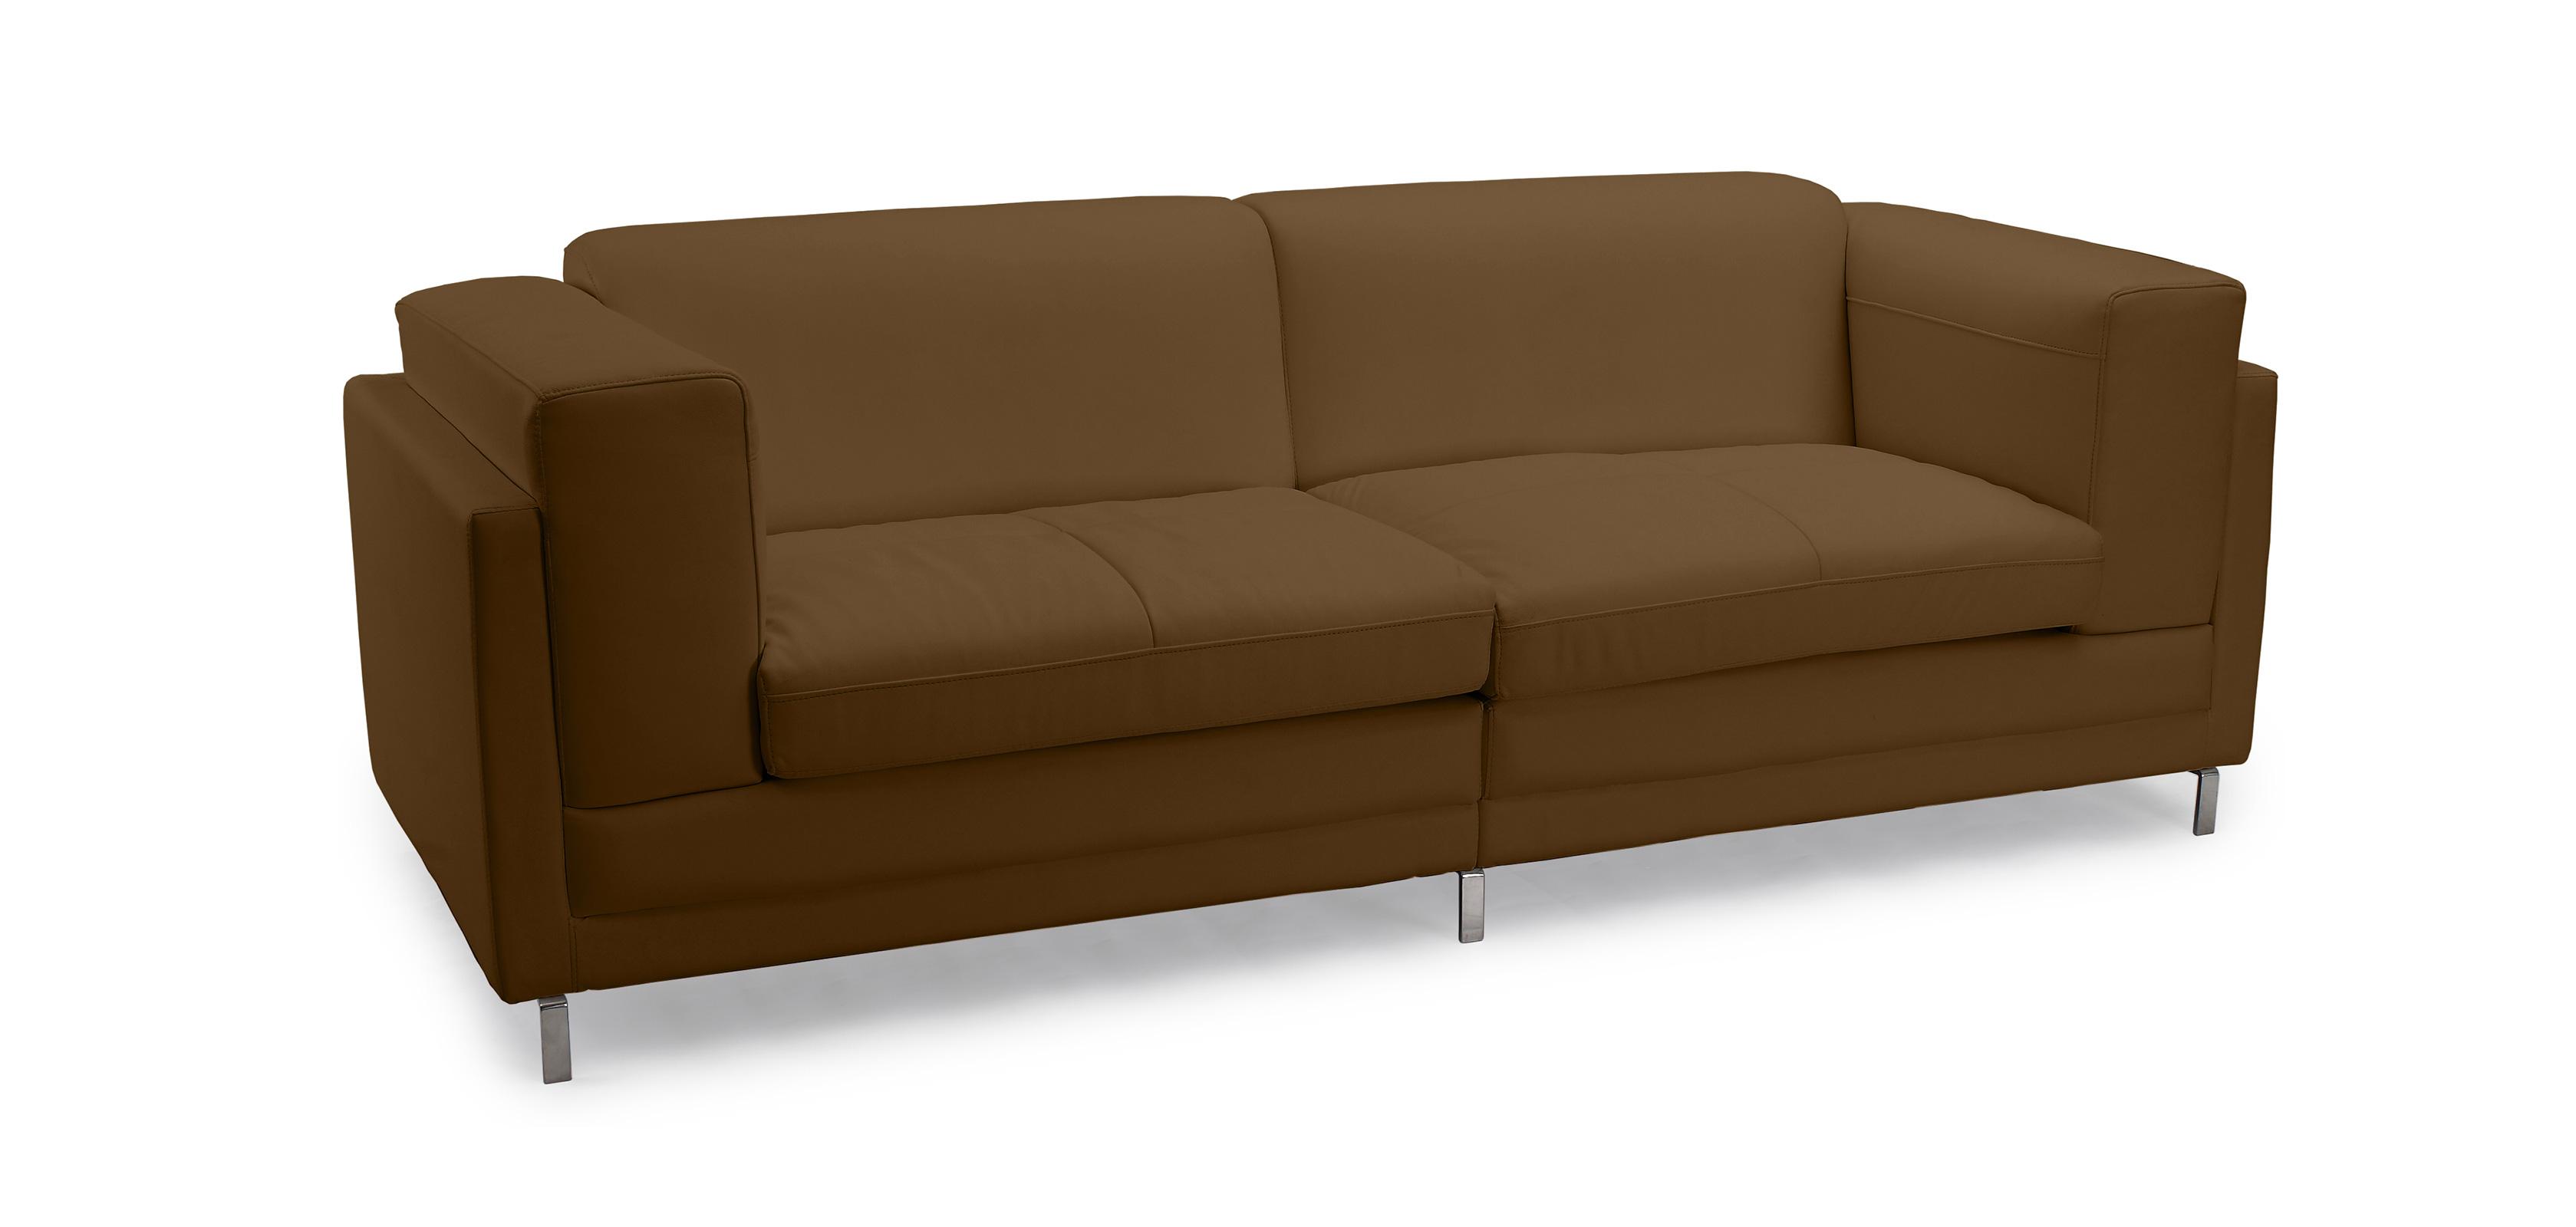 Calla sofa valentino boretti zweisitzer for Zweisitzer sofa